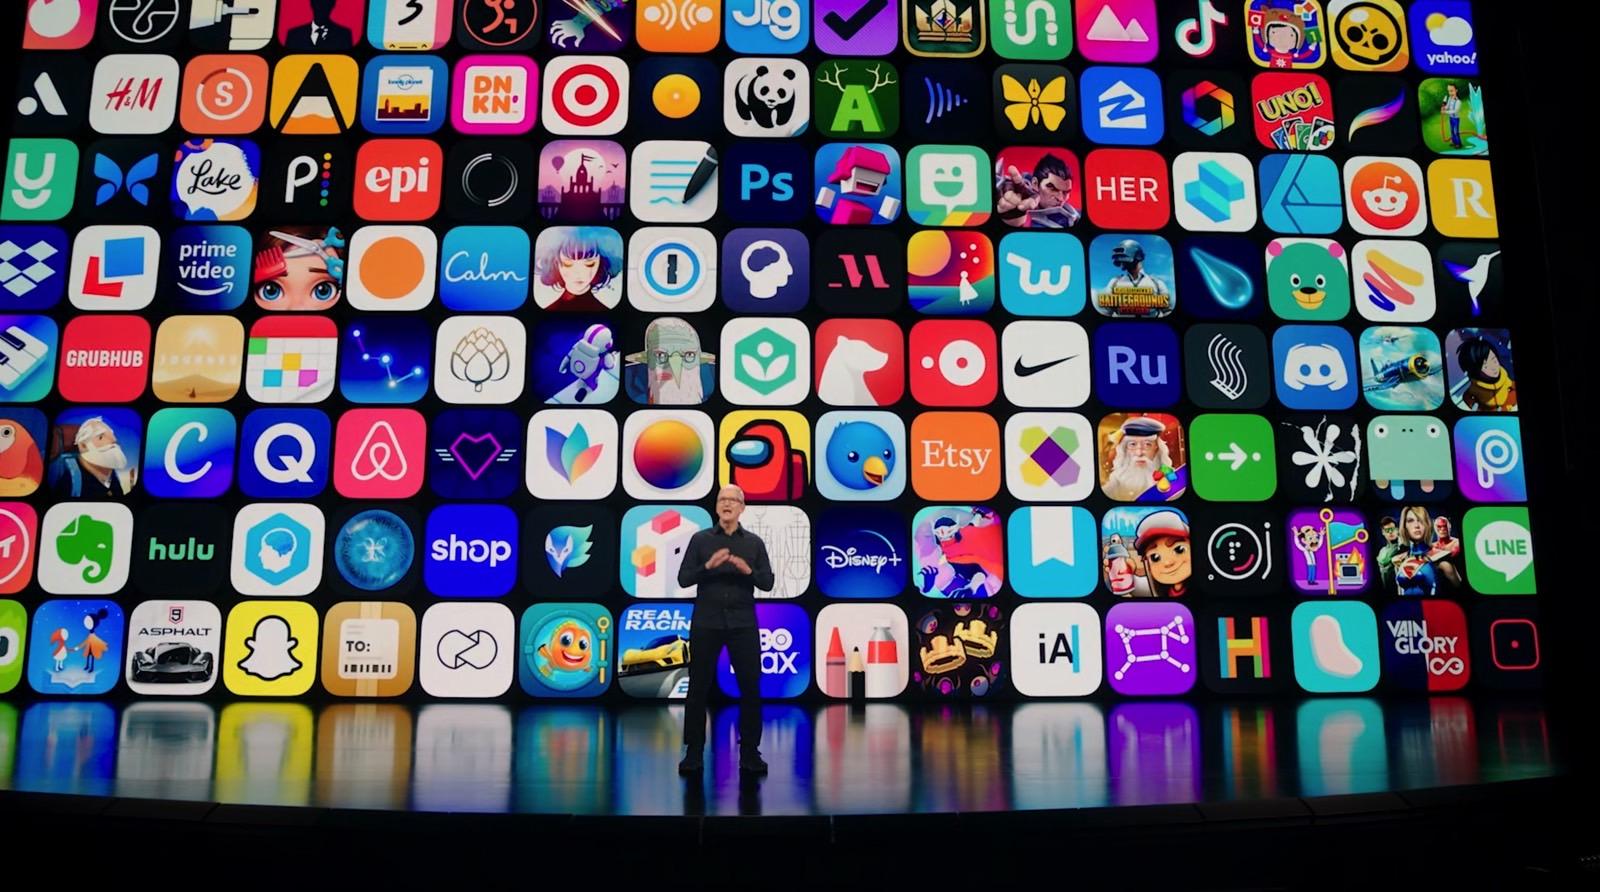 Perubahan App Store baru Apple akan memungkinkan beberapa pengembang menghindari biaya Apple